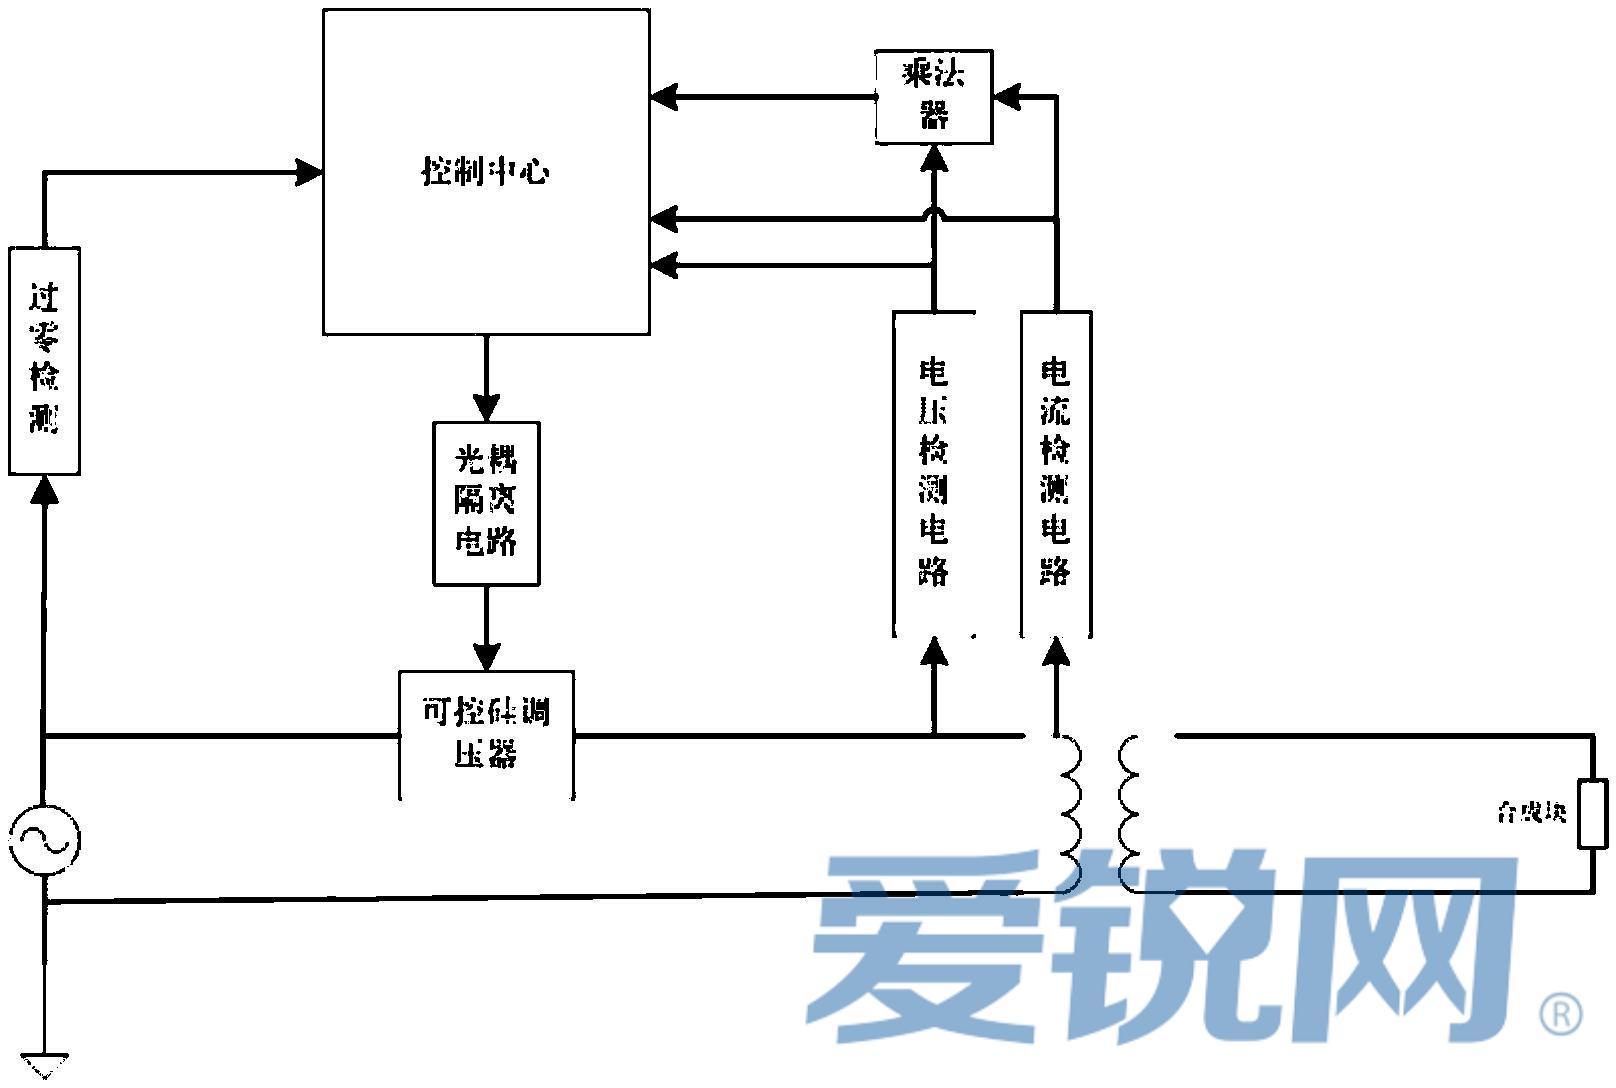 信号处理模块以及比例积分微分控制模块;调功控制的步骤包含:(01)首先